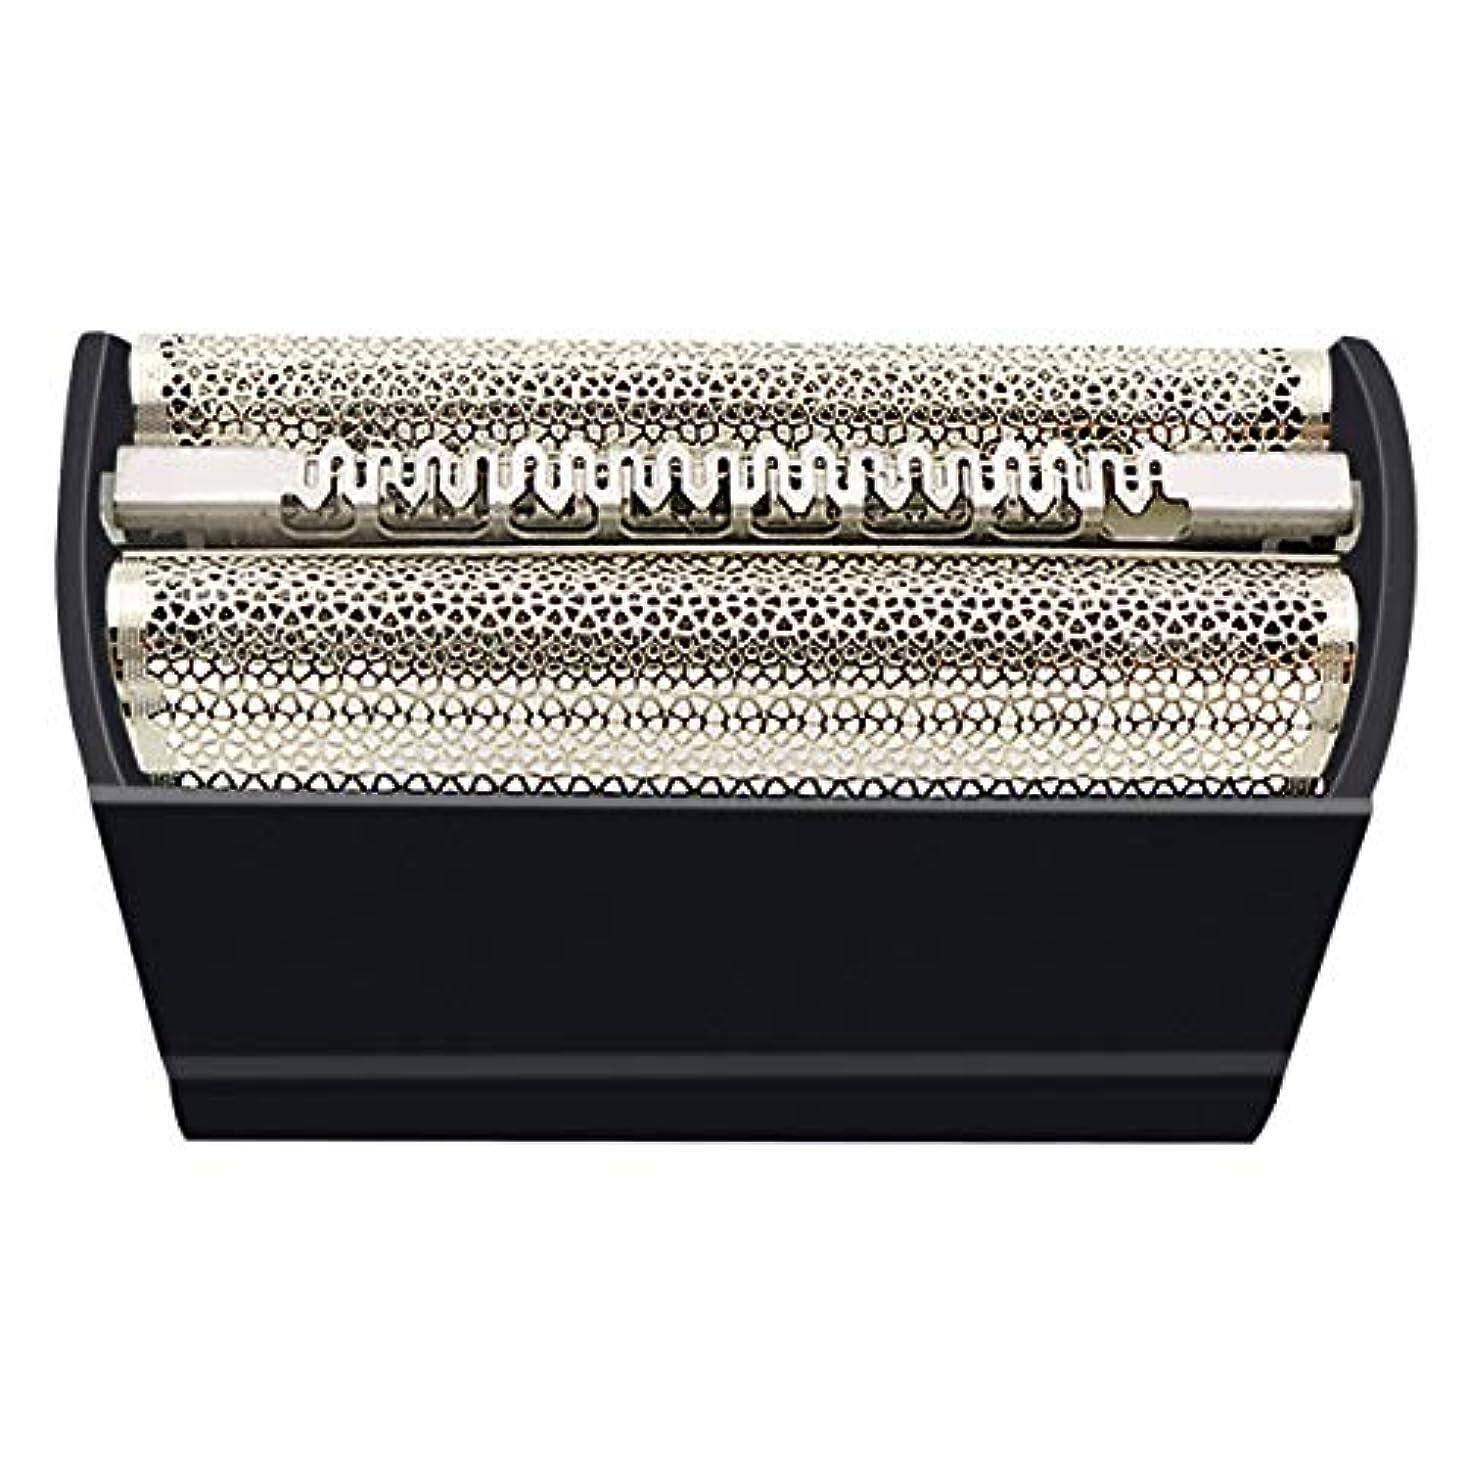 お肉閲覧する順応性VINFANYシェーバー替刃 シリーズ3 適用 Braun 31Bシリーズ3 Smart Syncro Proモデル電気シェーバー シリーズ3網刃?内刃一体型カセット 交換用ホイル (31B (Black))